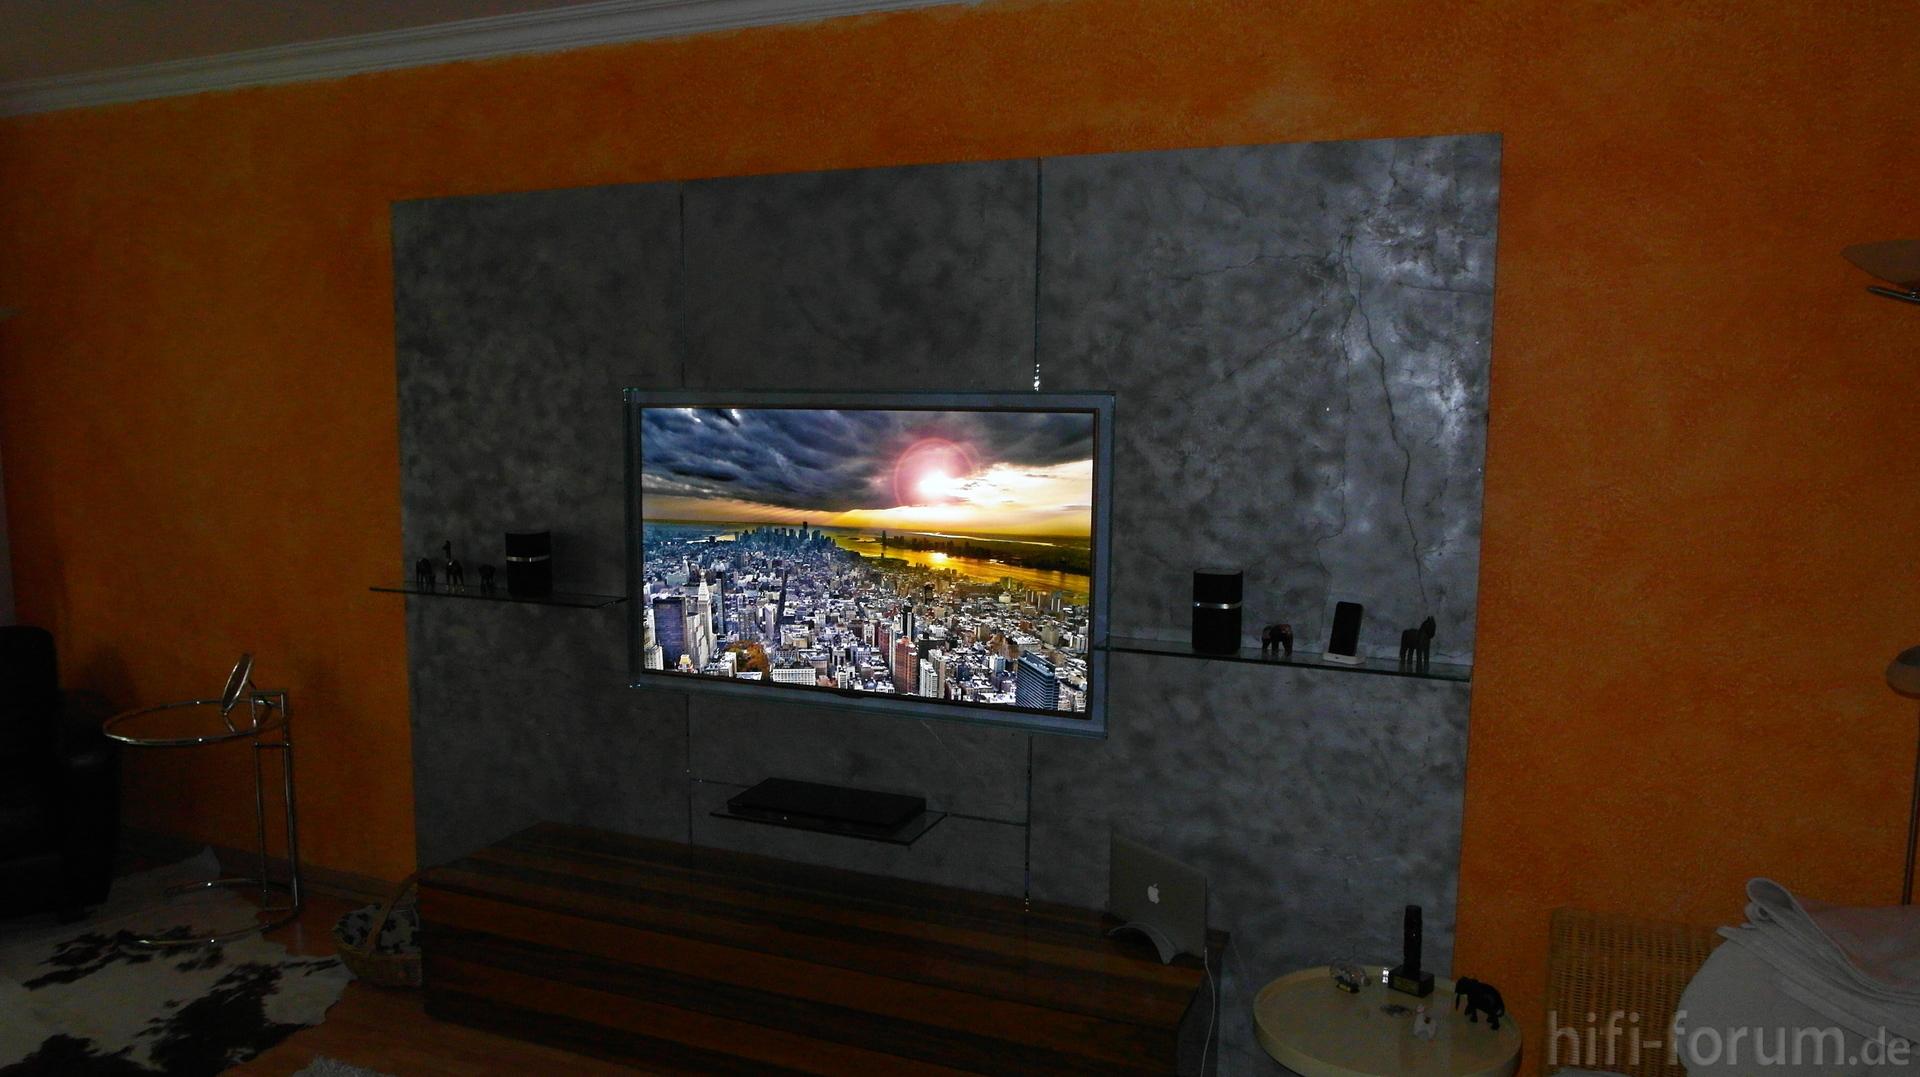 wandverkelidung steinoptik steinwand im wohnzimmer dekosteine wand ... - Schiefer Wandverkleidung Wohnzimmer